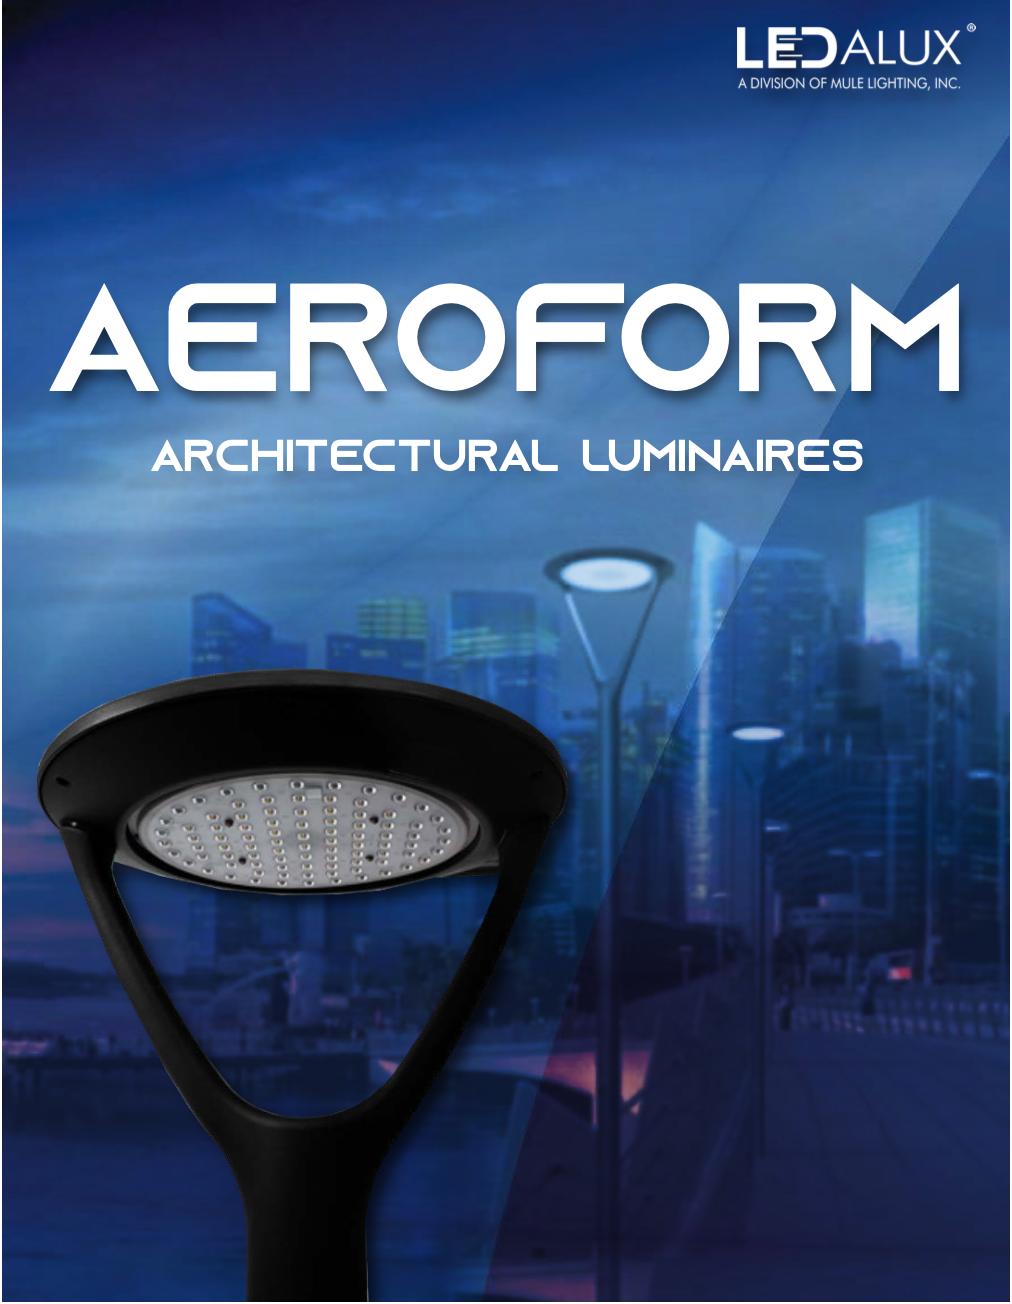 LEDalux AEROFORM – Architectural Luminaries Literature